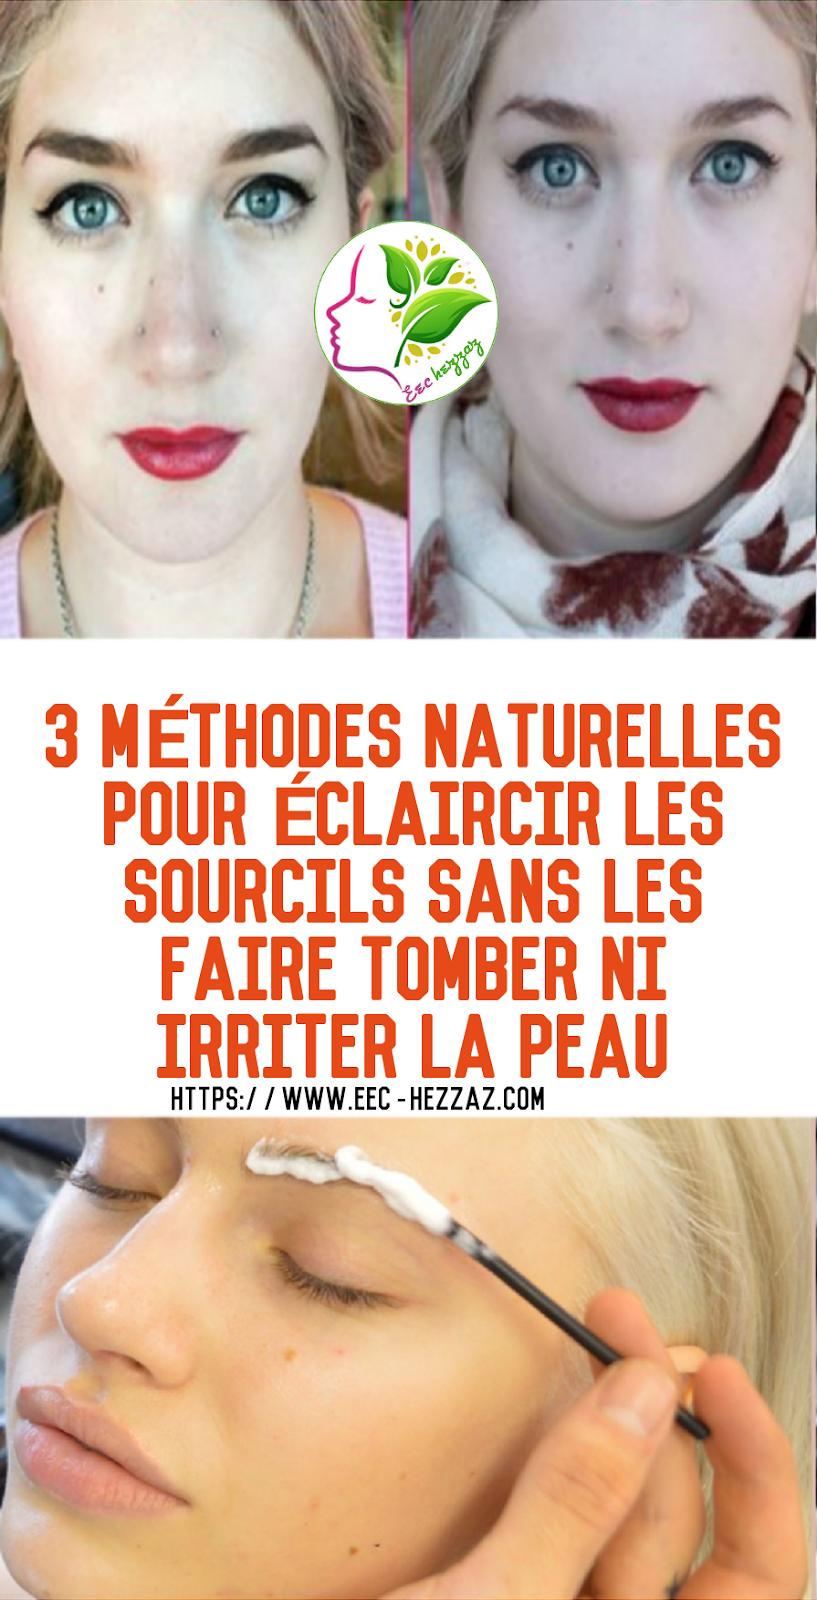 3 méthodes naturelles pour éclaircir les sourcils sans les faire tomber ni irriter la peau